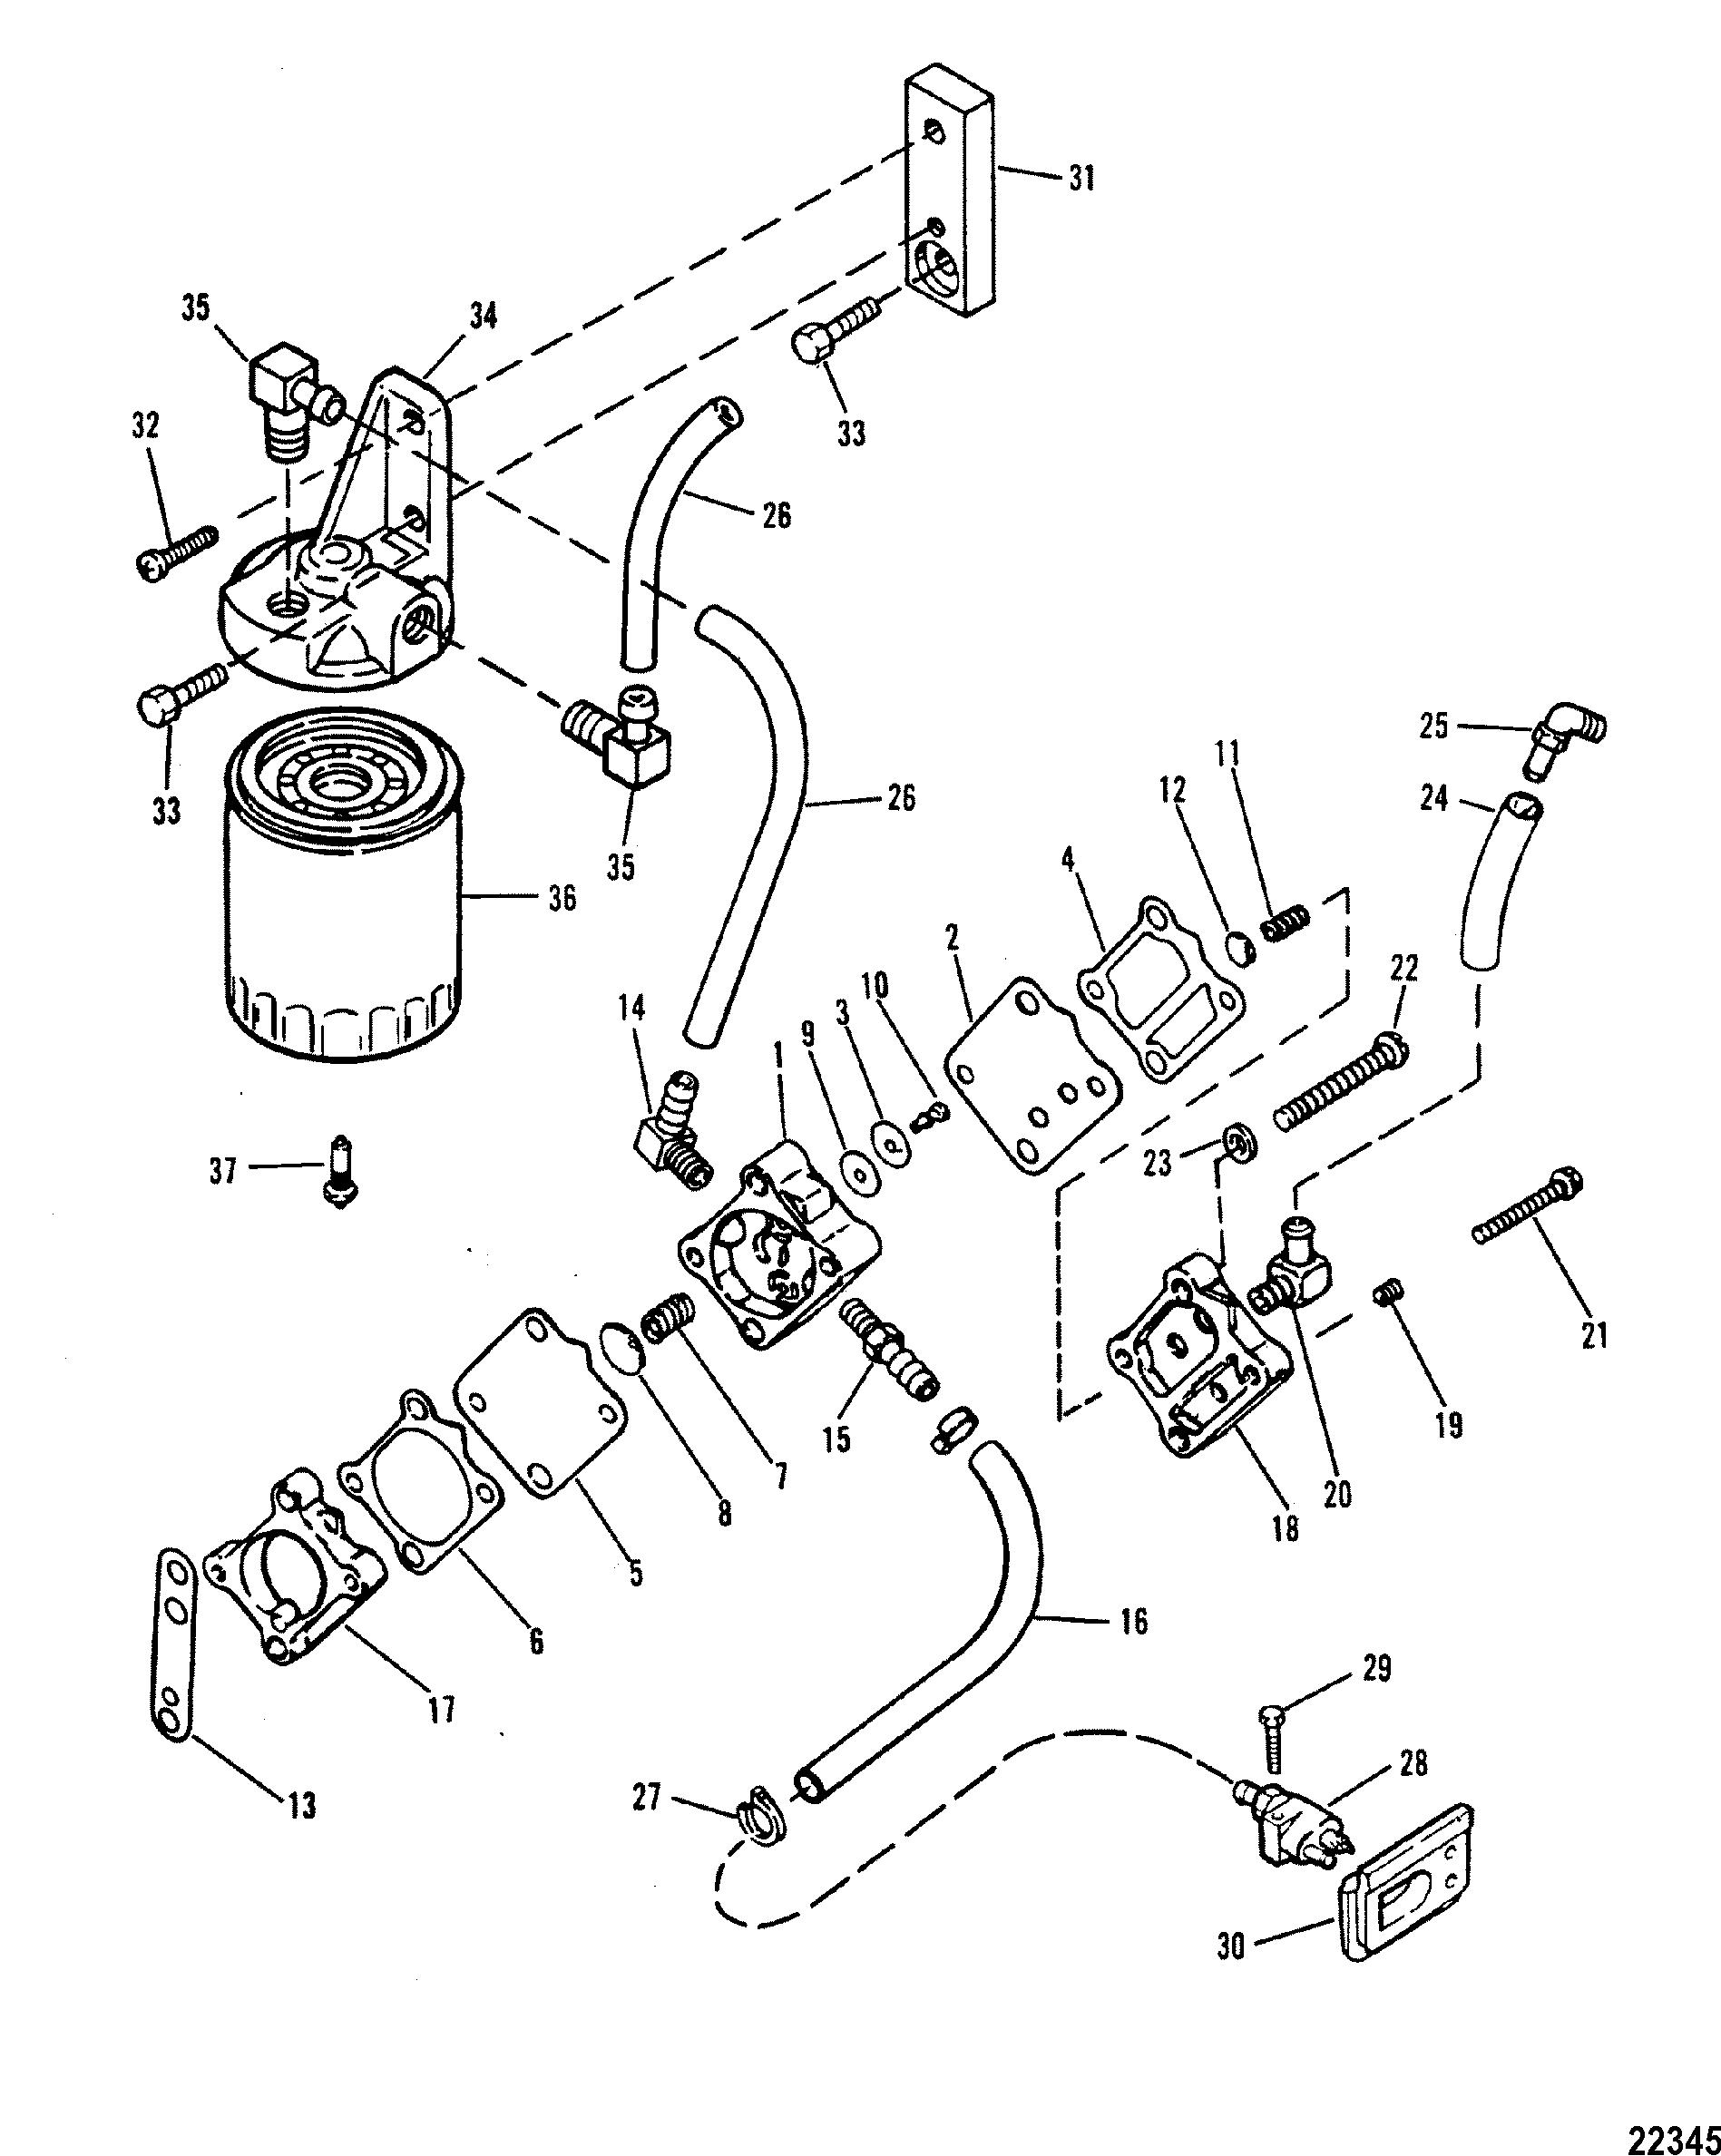 [WRG-7792] 200 Hp Mercury Fuel Filters